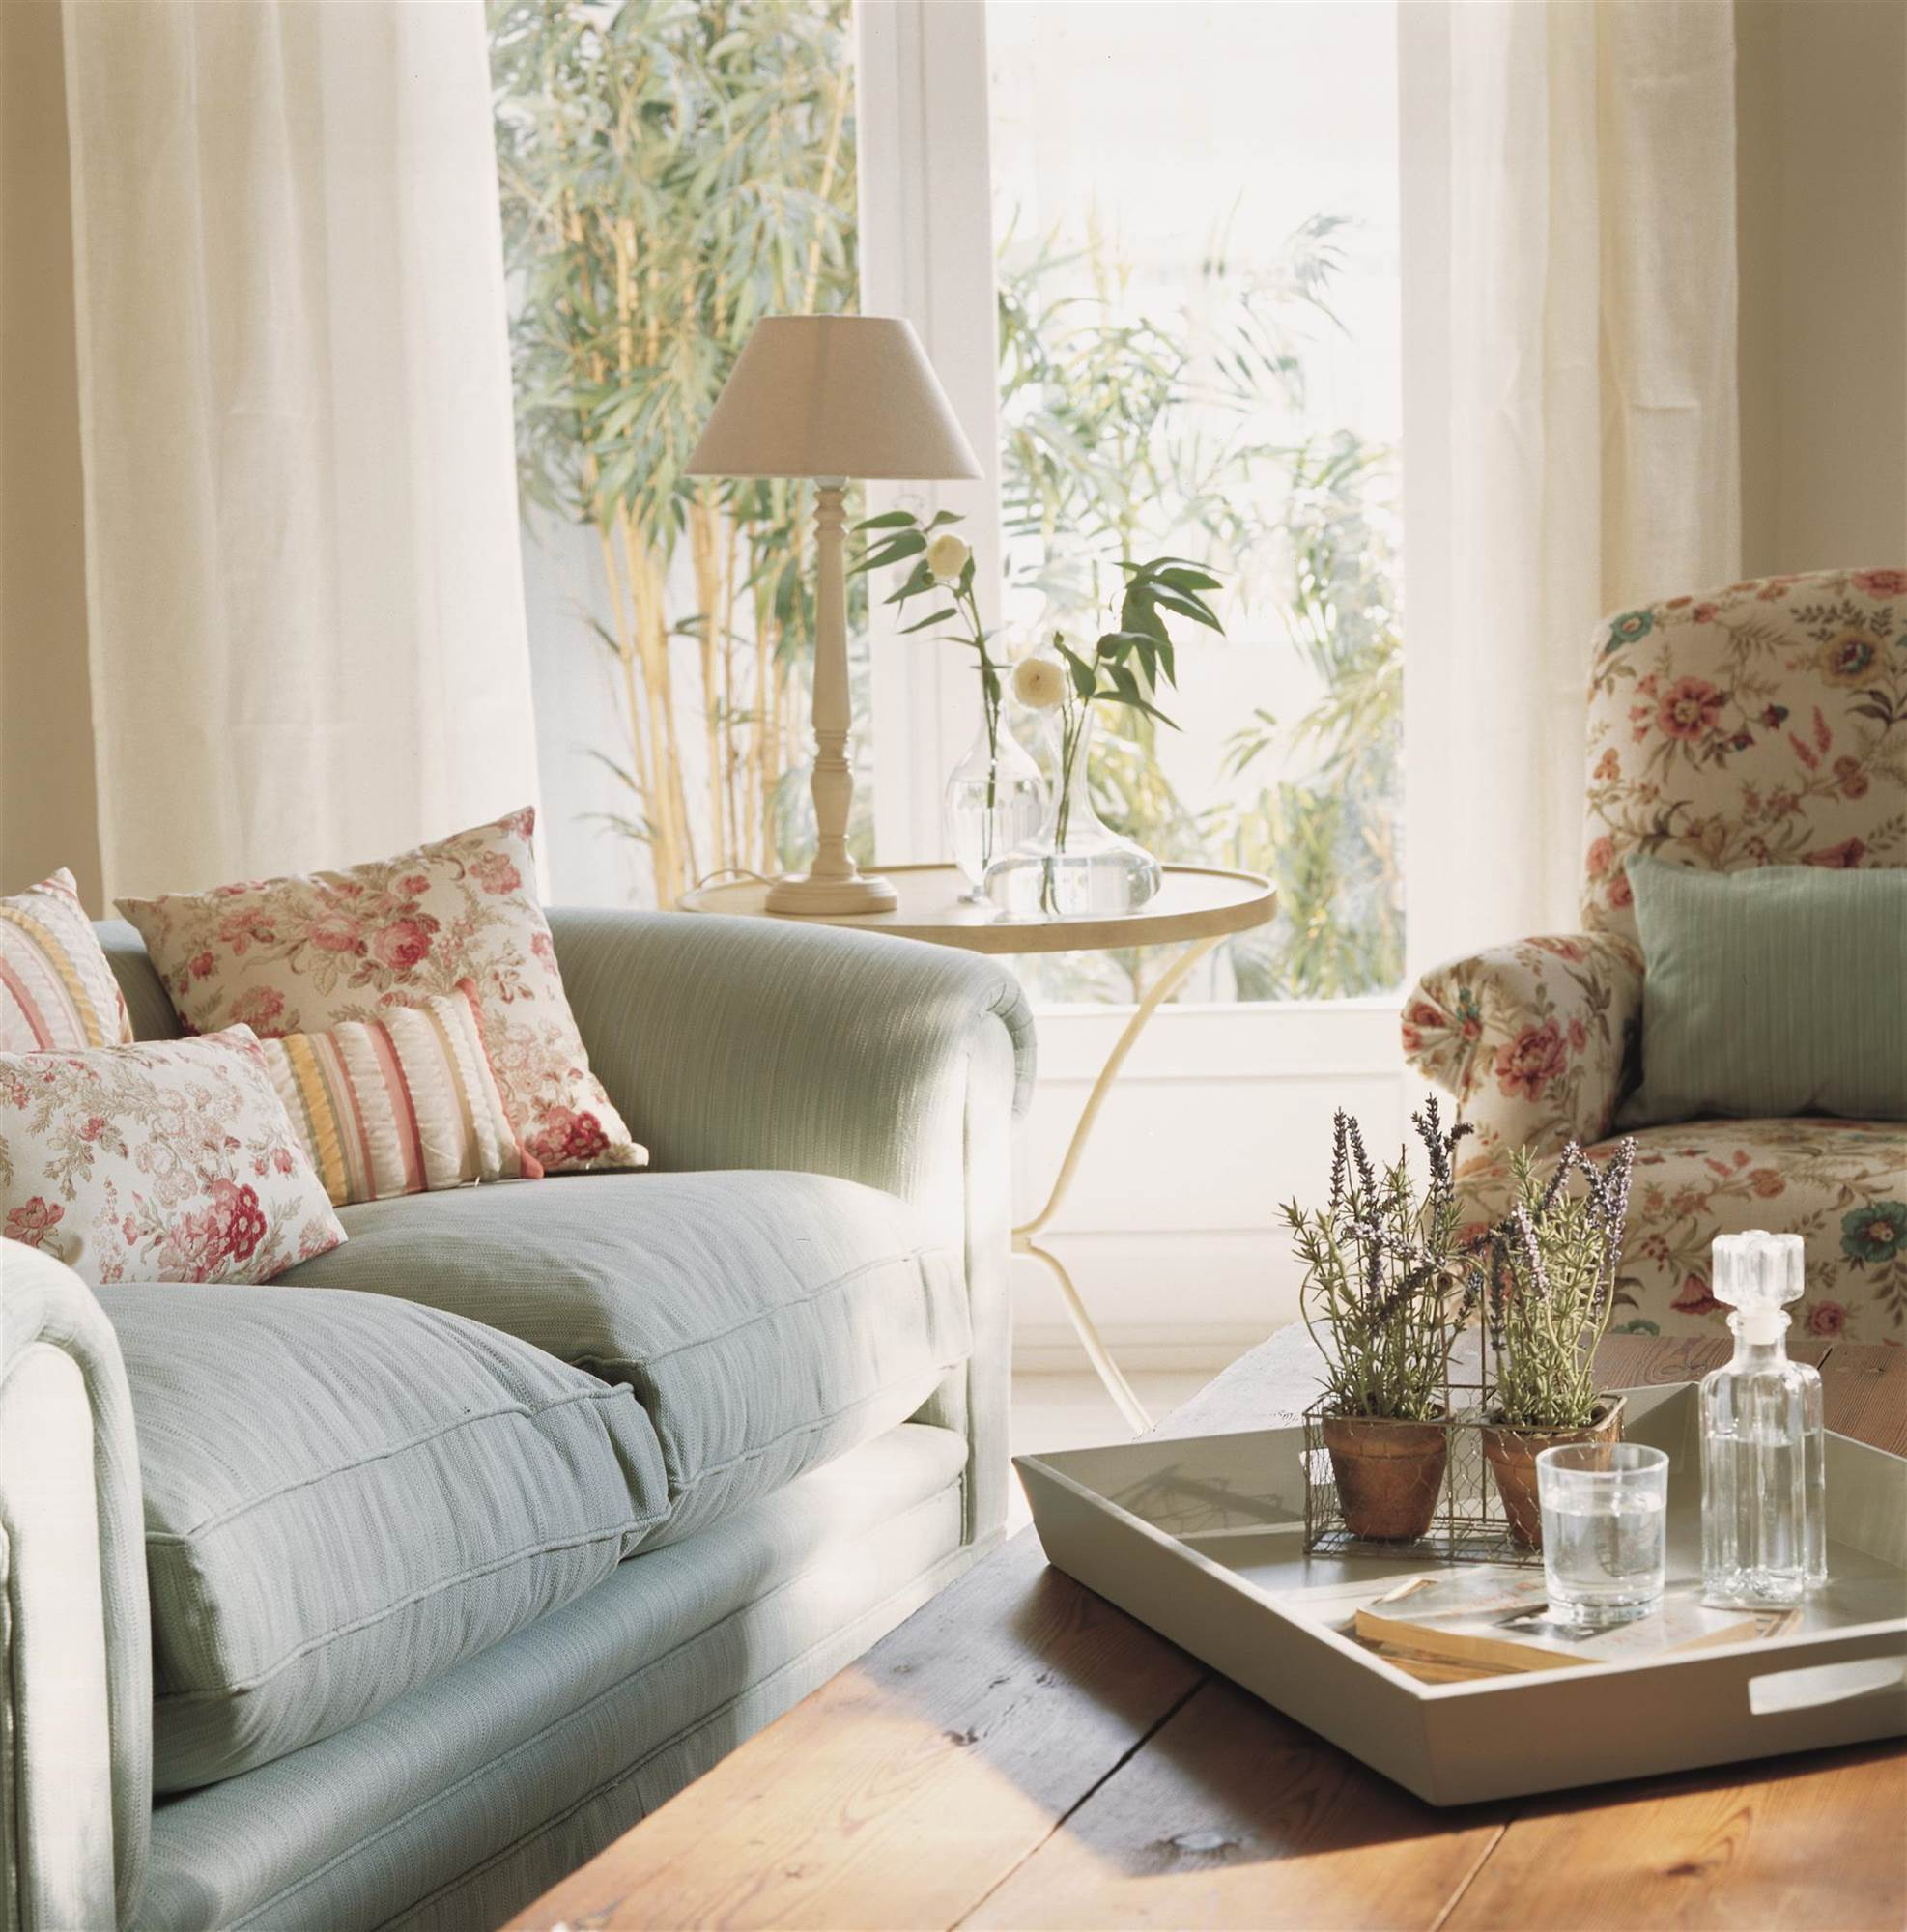 La butaca es nuestro mueble preferido - Ka international madrid ...